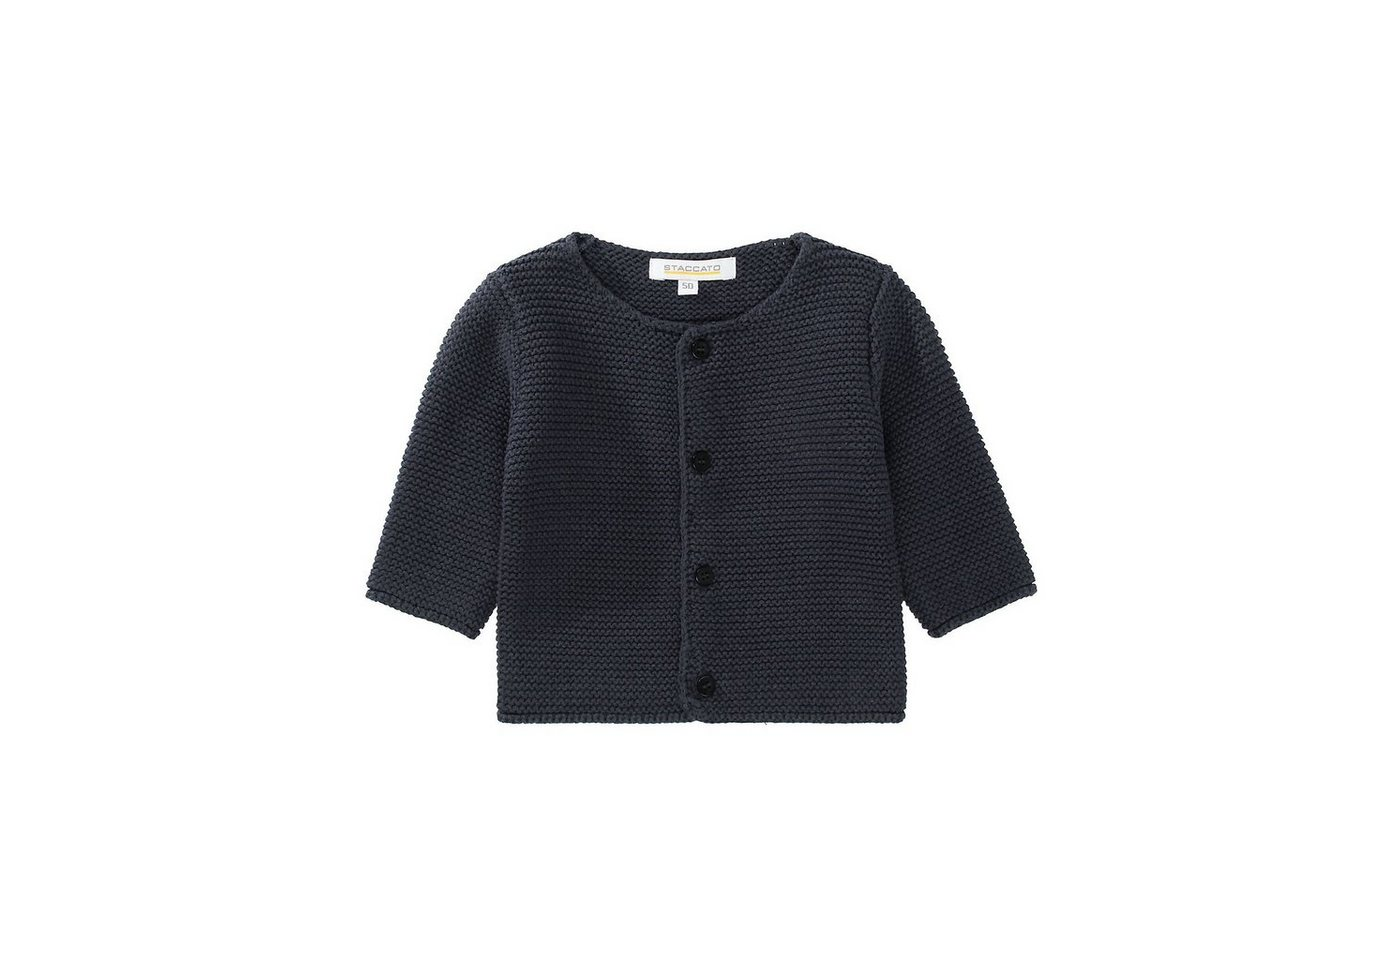 Baby,  Kinder,  Jungen,  Kinder,  Unisex STACCATO Baby Strickjacke für Jungen blau | 04333853678369